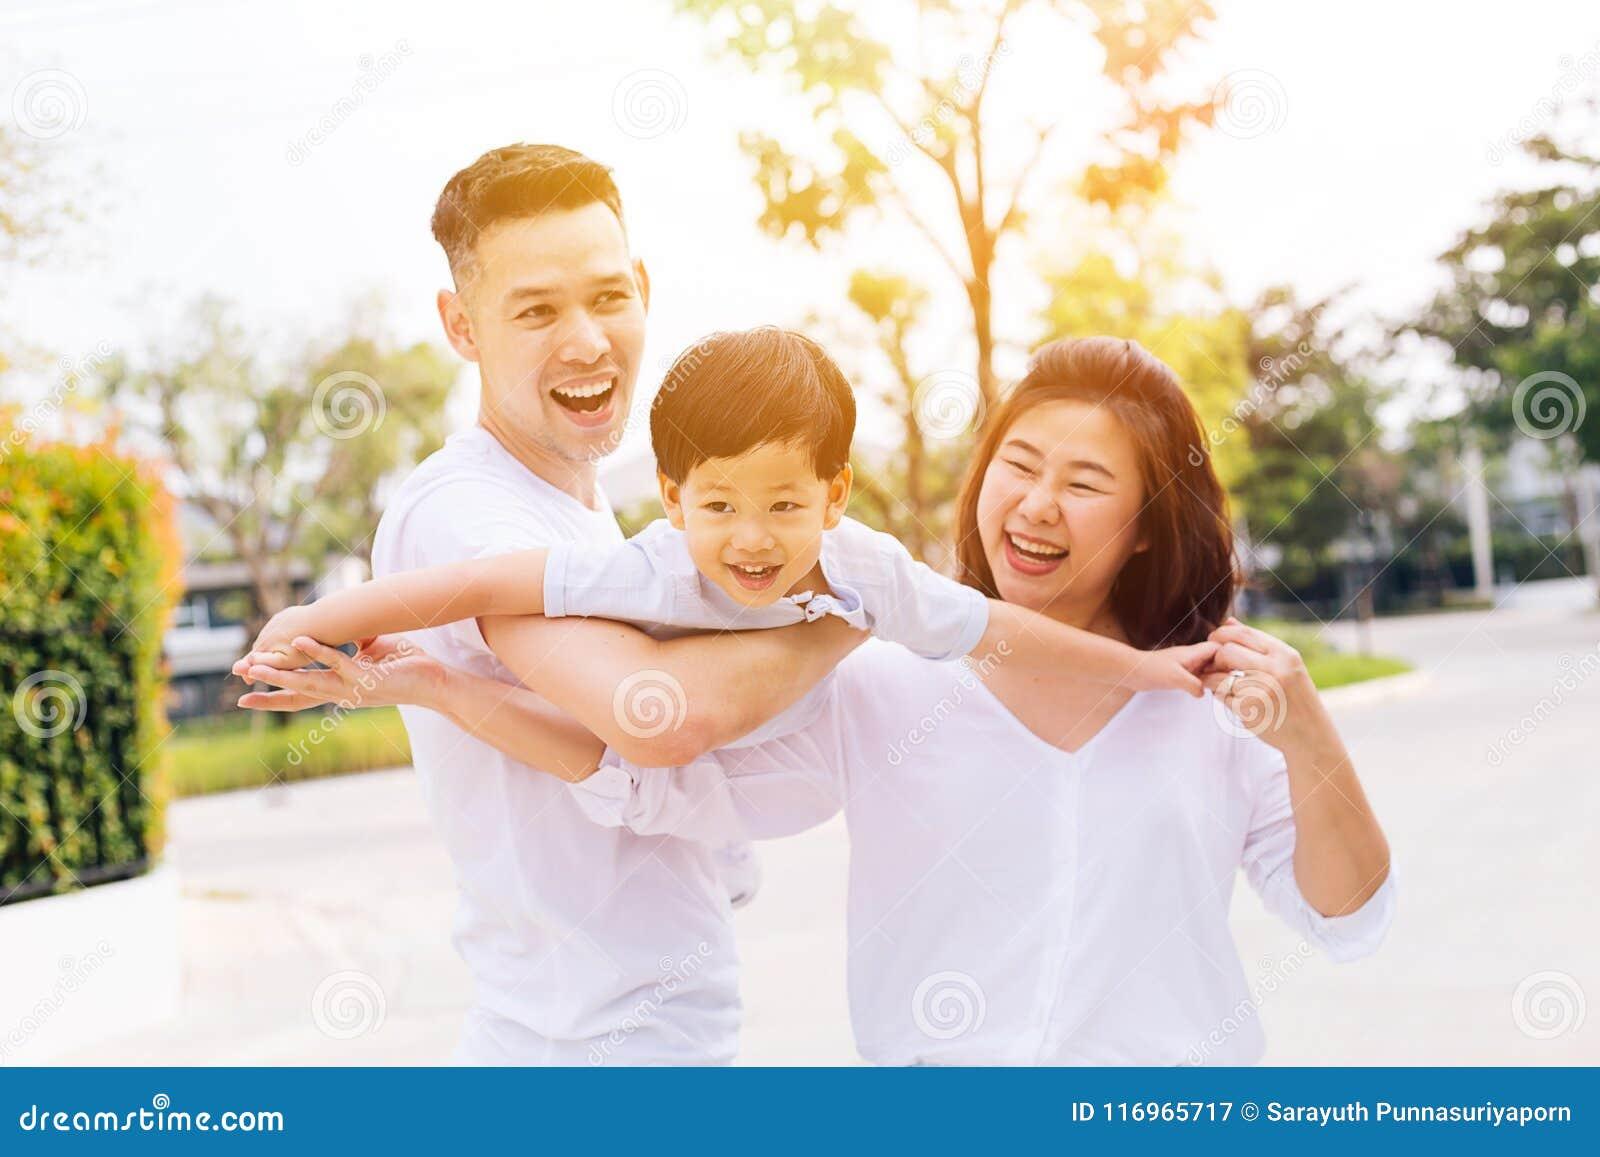 Familia asiática que se divierte y que lleva a un niño en parque público